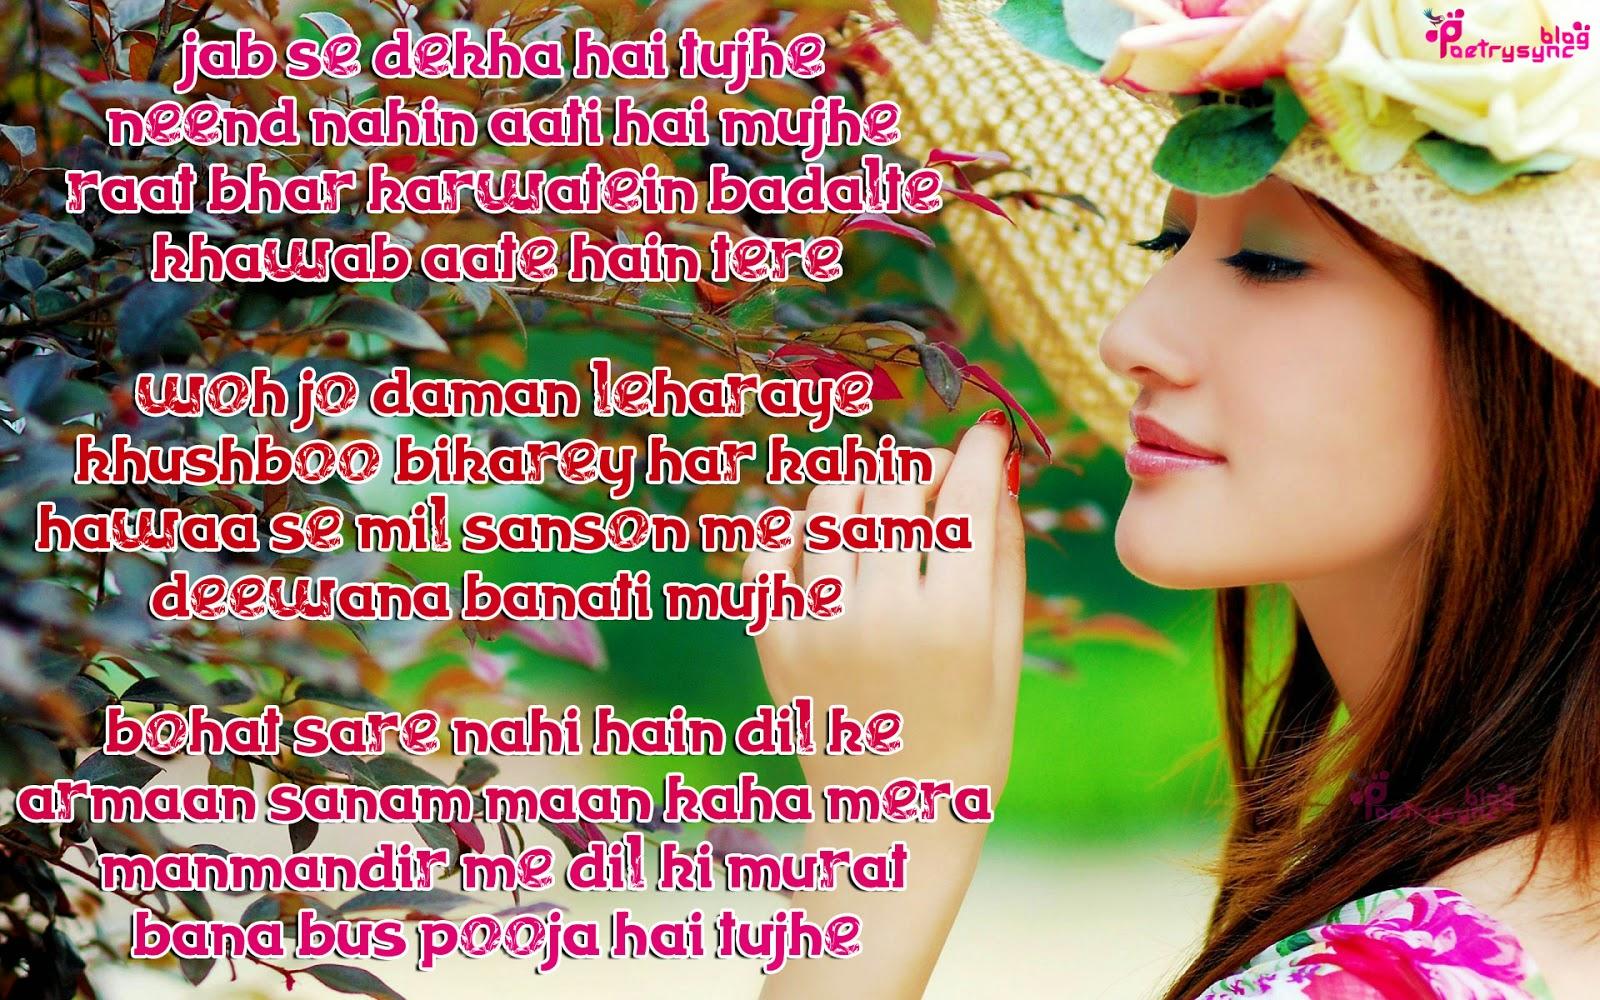 Jab Se Dekha Hai Tujhe Neend Nahin Aati Hai Mujhe